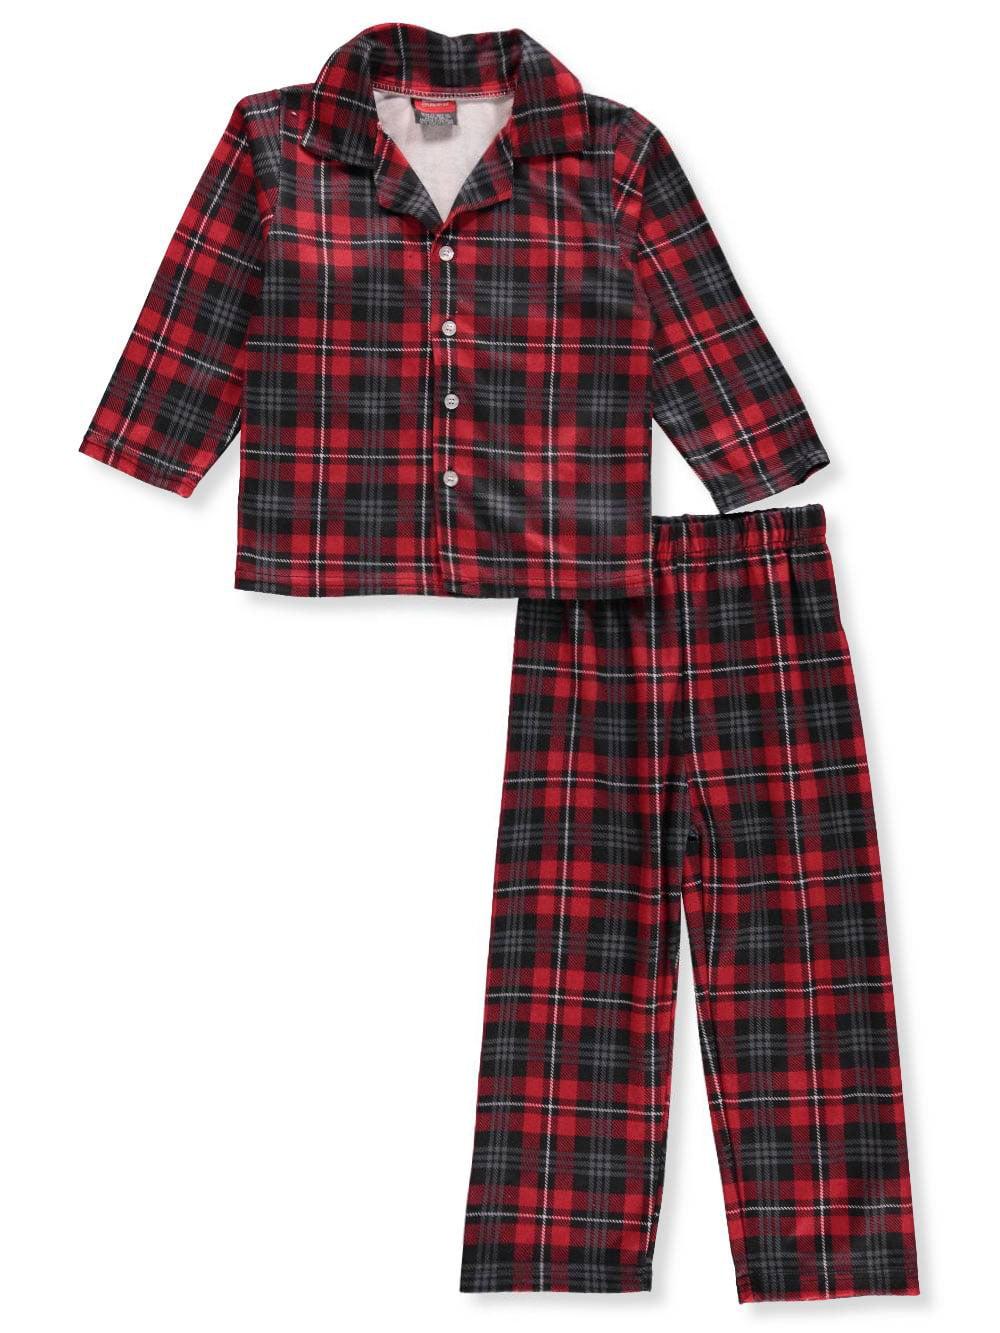 Mac Henry Boys' 2-Piece Pajamas